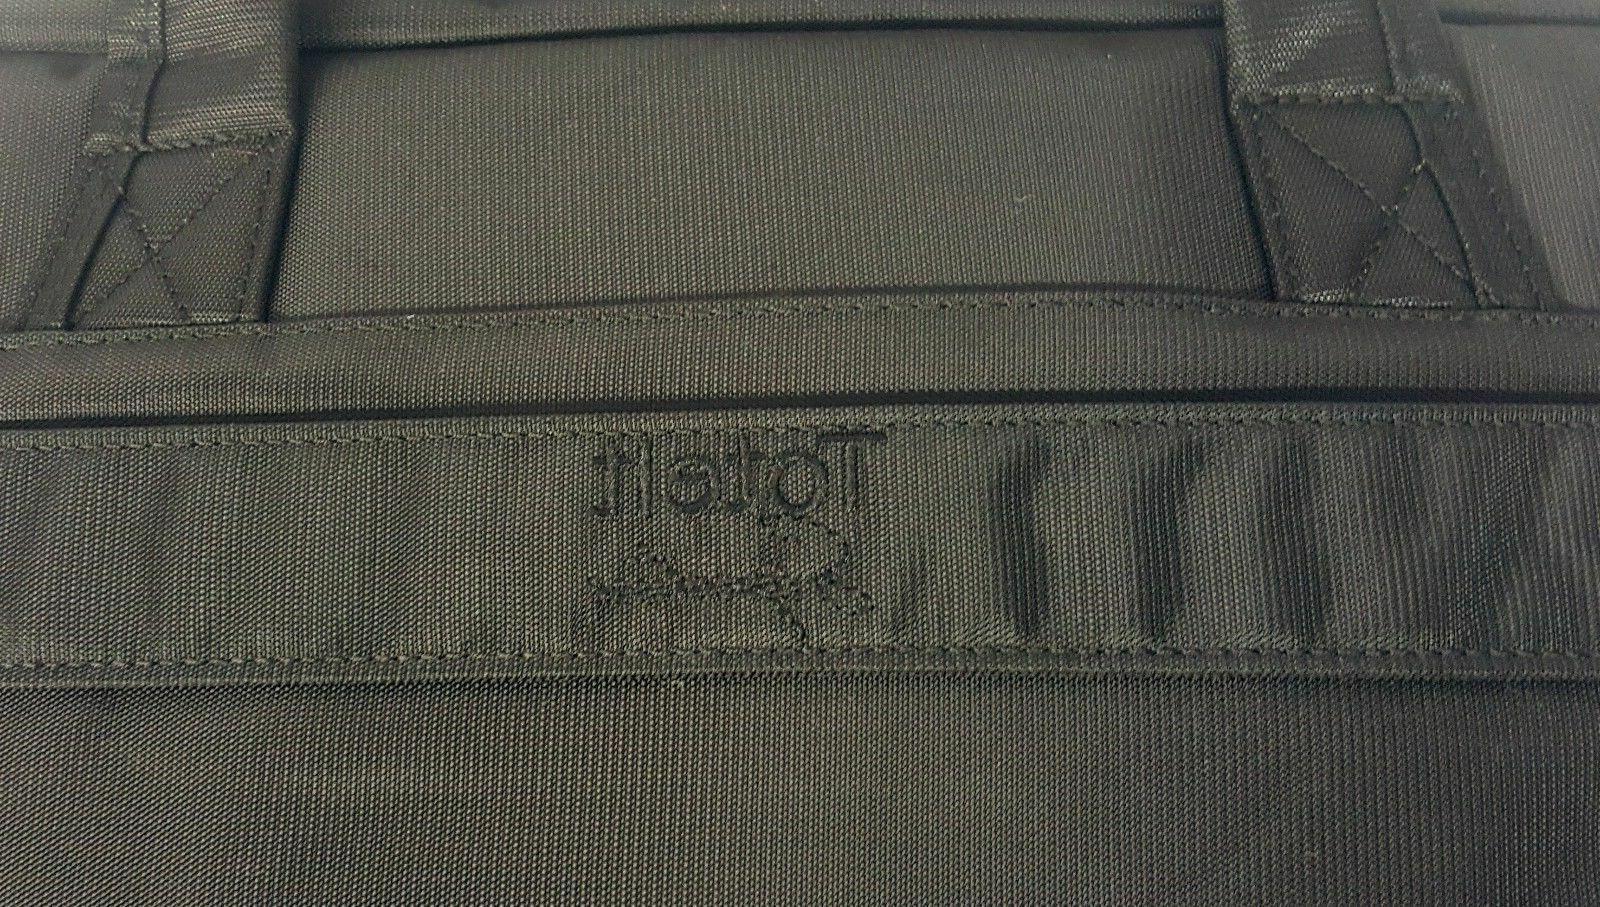 ToteIt Laptop Computer Shoulder Bag Briefcase Black up